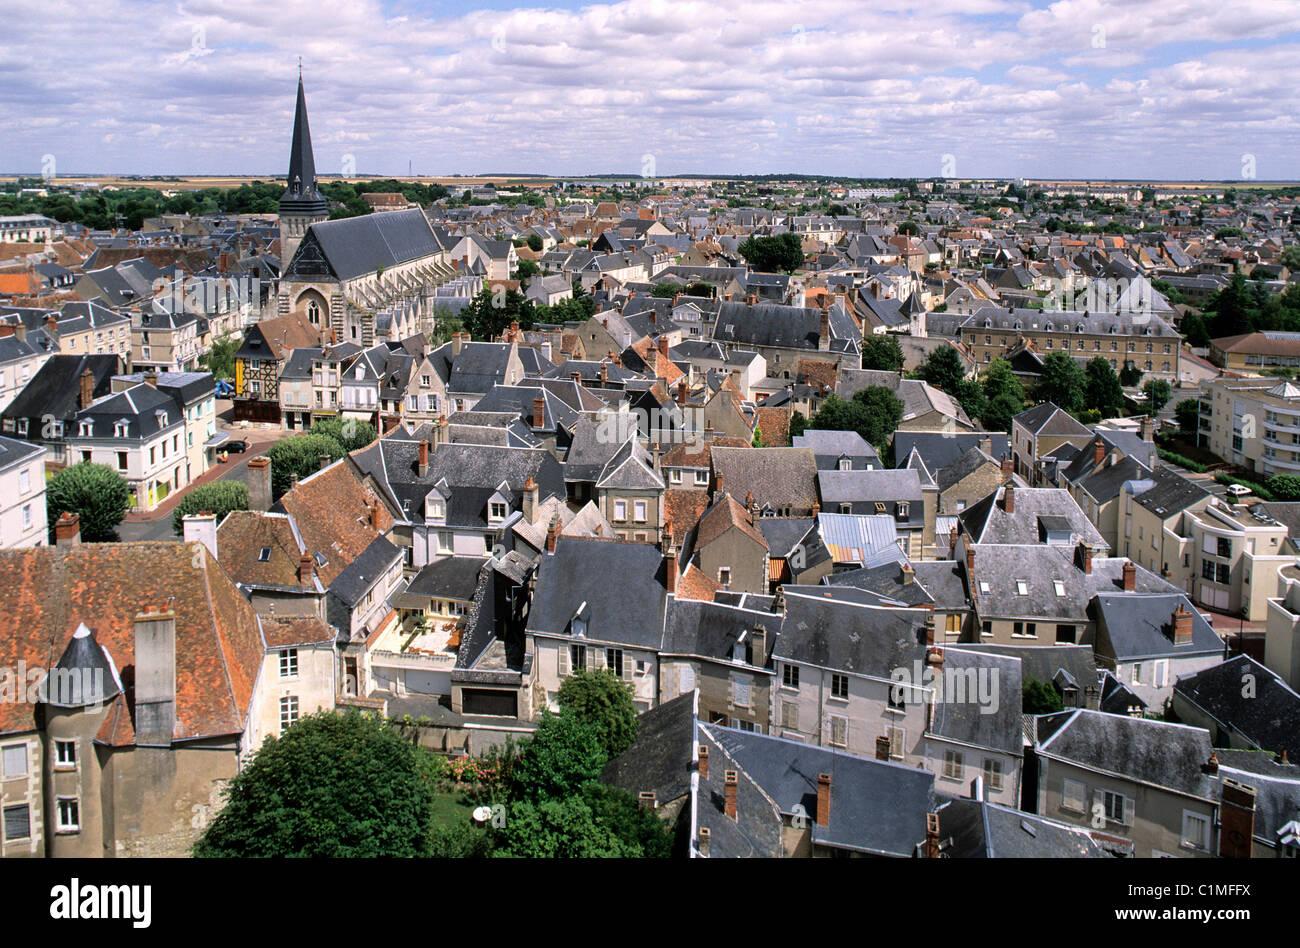 France, Indre, le Berry, Issoudun, vue depuis le haut de la Tour Blanche - Stock Image